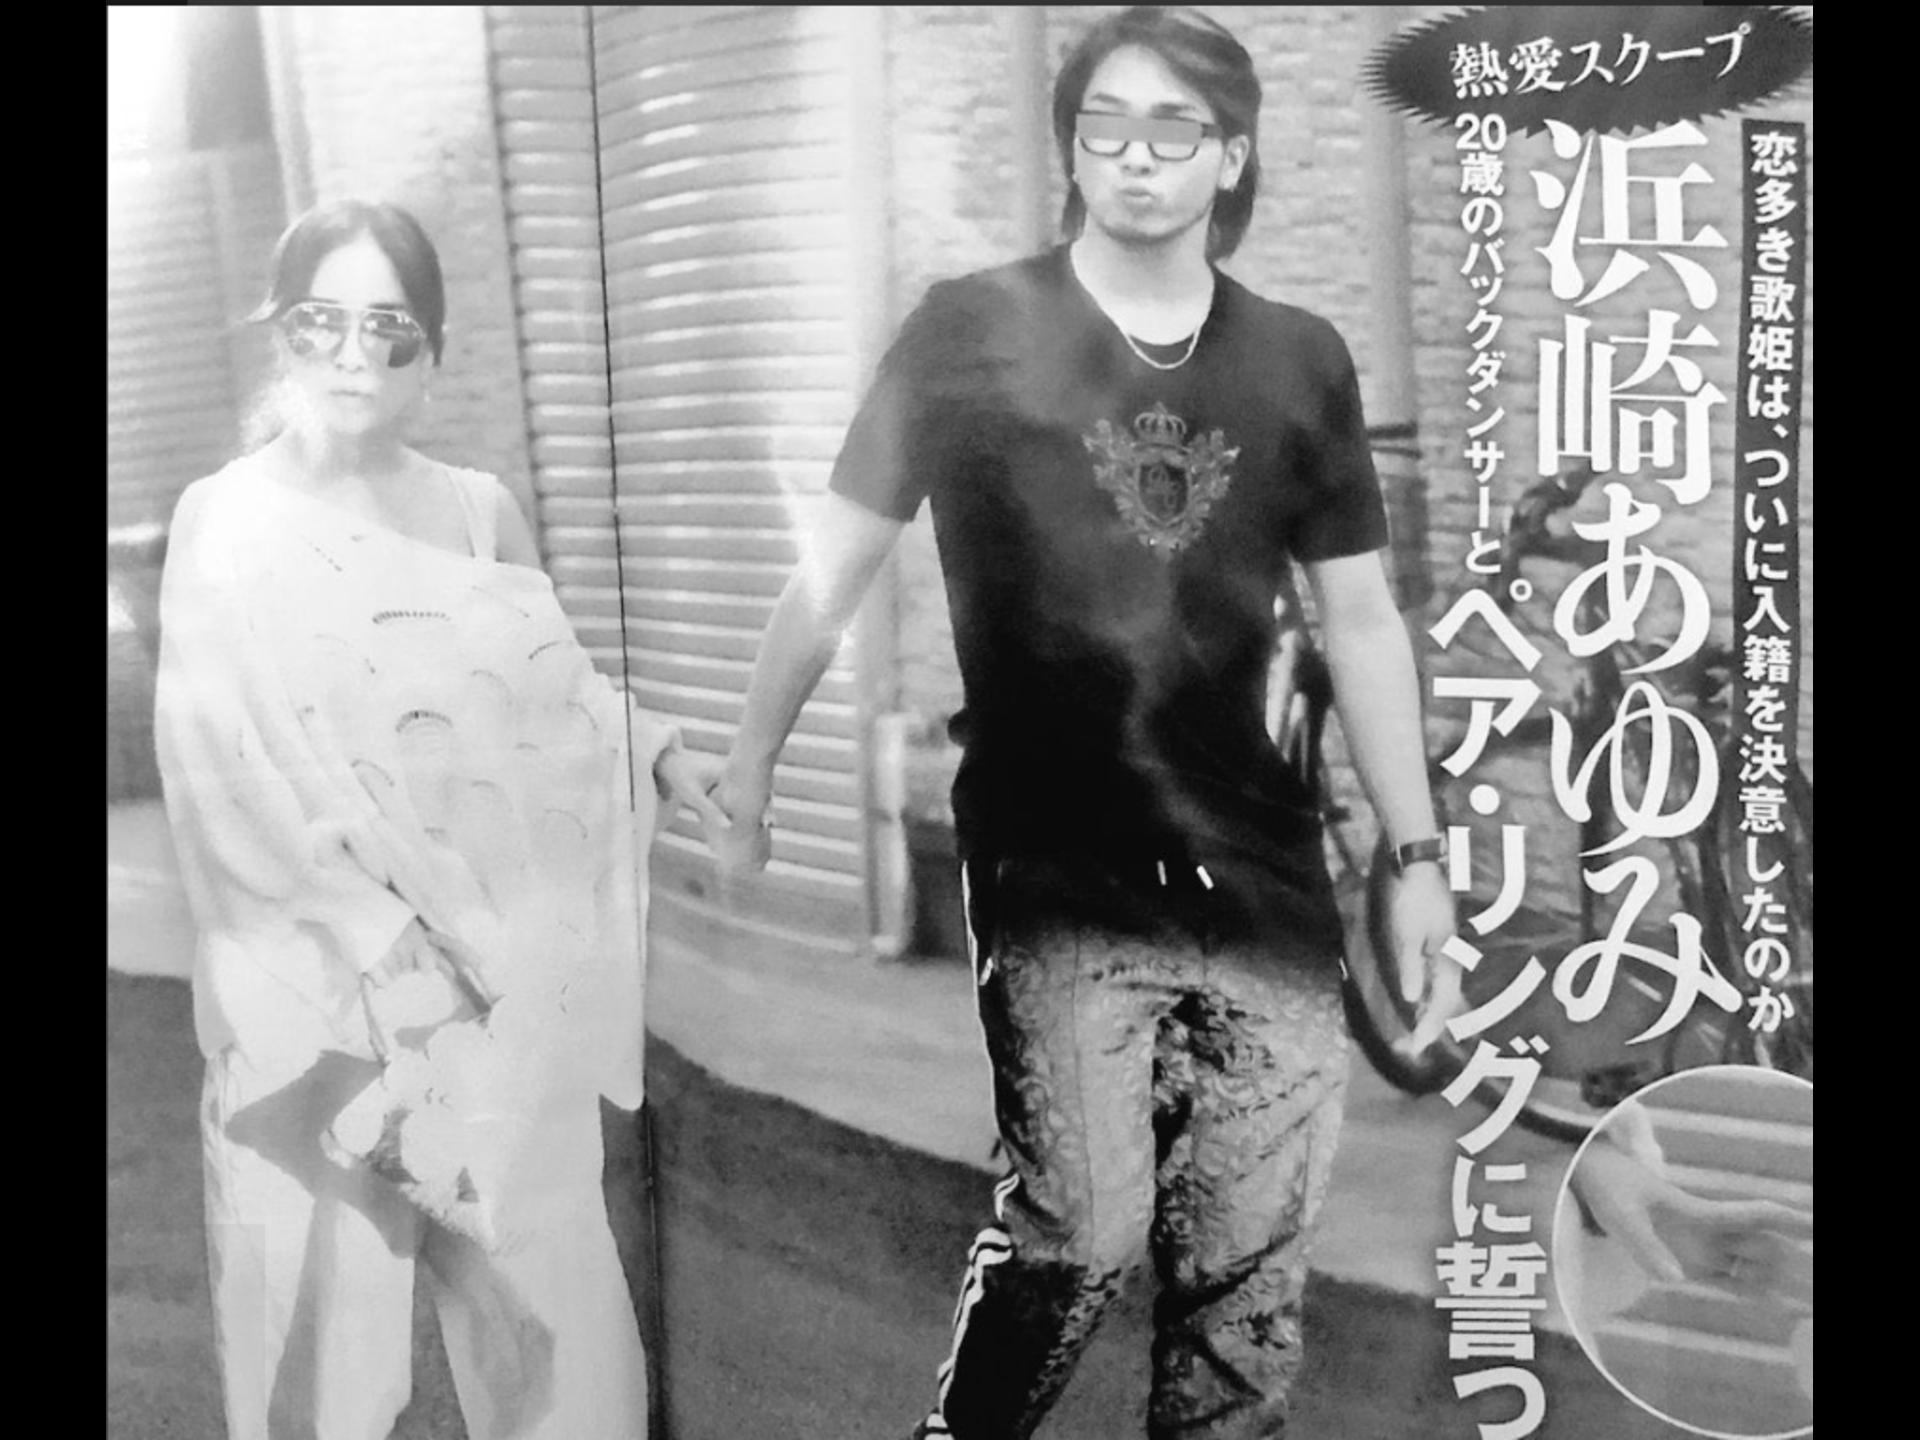 あゆみ 相手 浜崎 出産